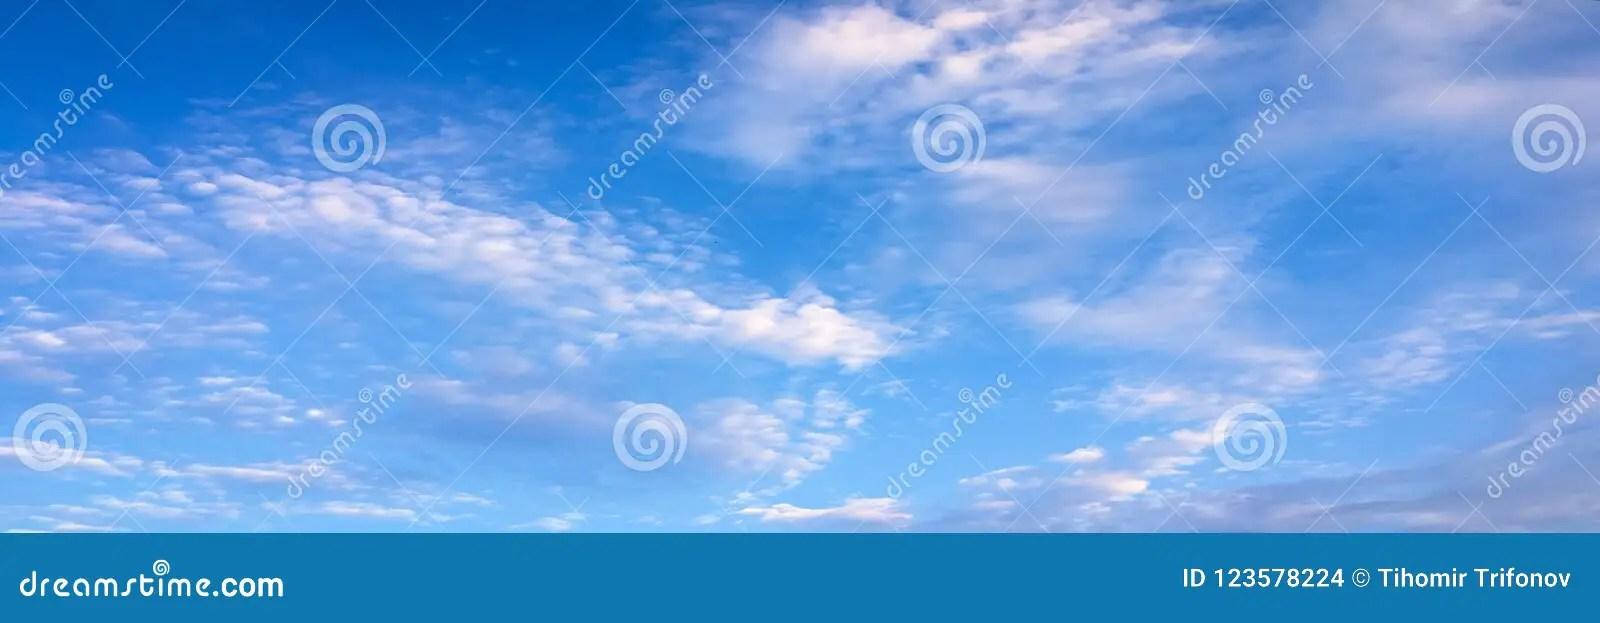 Nubes En Fondo Del Cielo Azul Foto de archivo - Imagen de brillante - fondo nubes